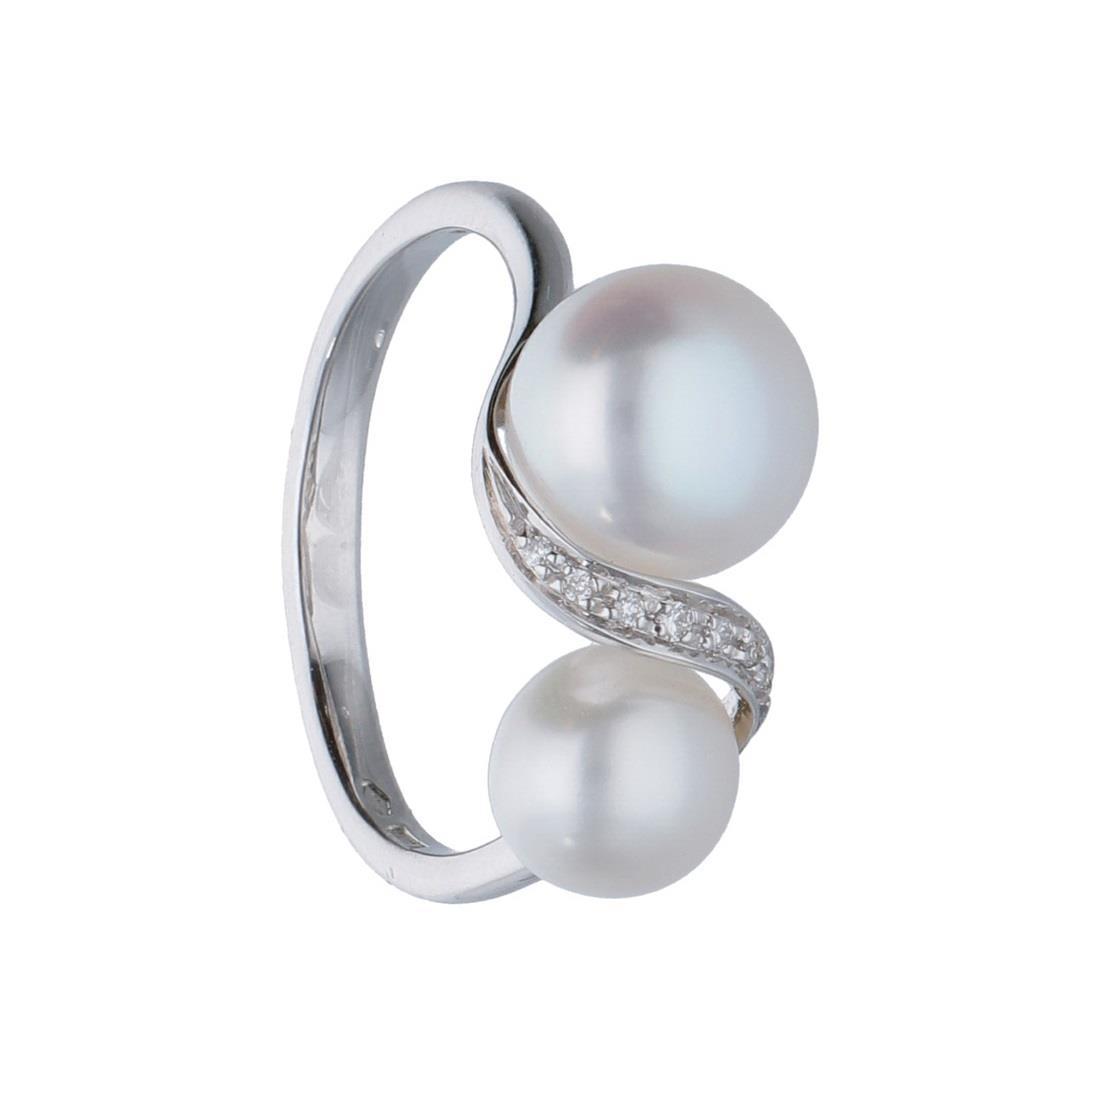 Anello design in oro bianco con diamanti ct 0.03 e perle  mis 15 - BLISS